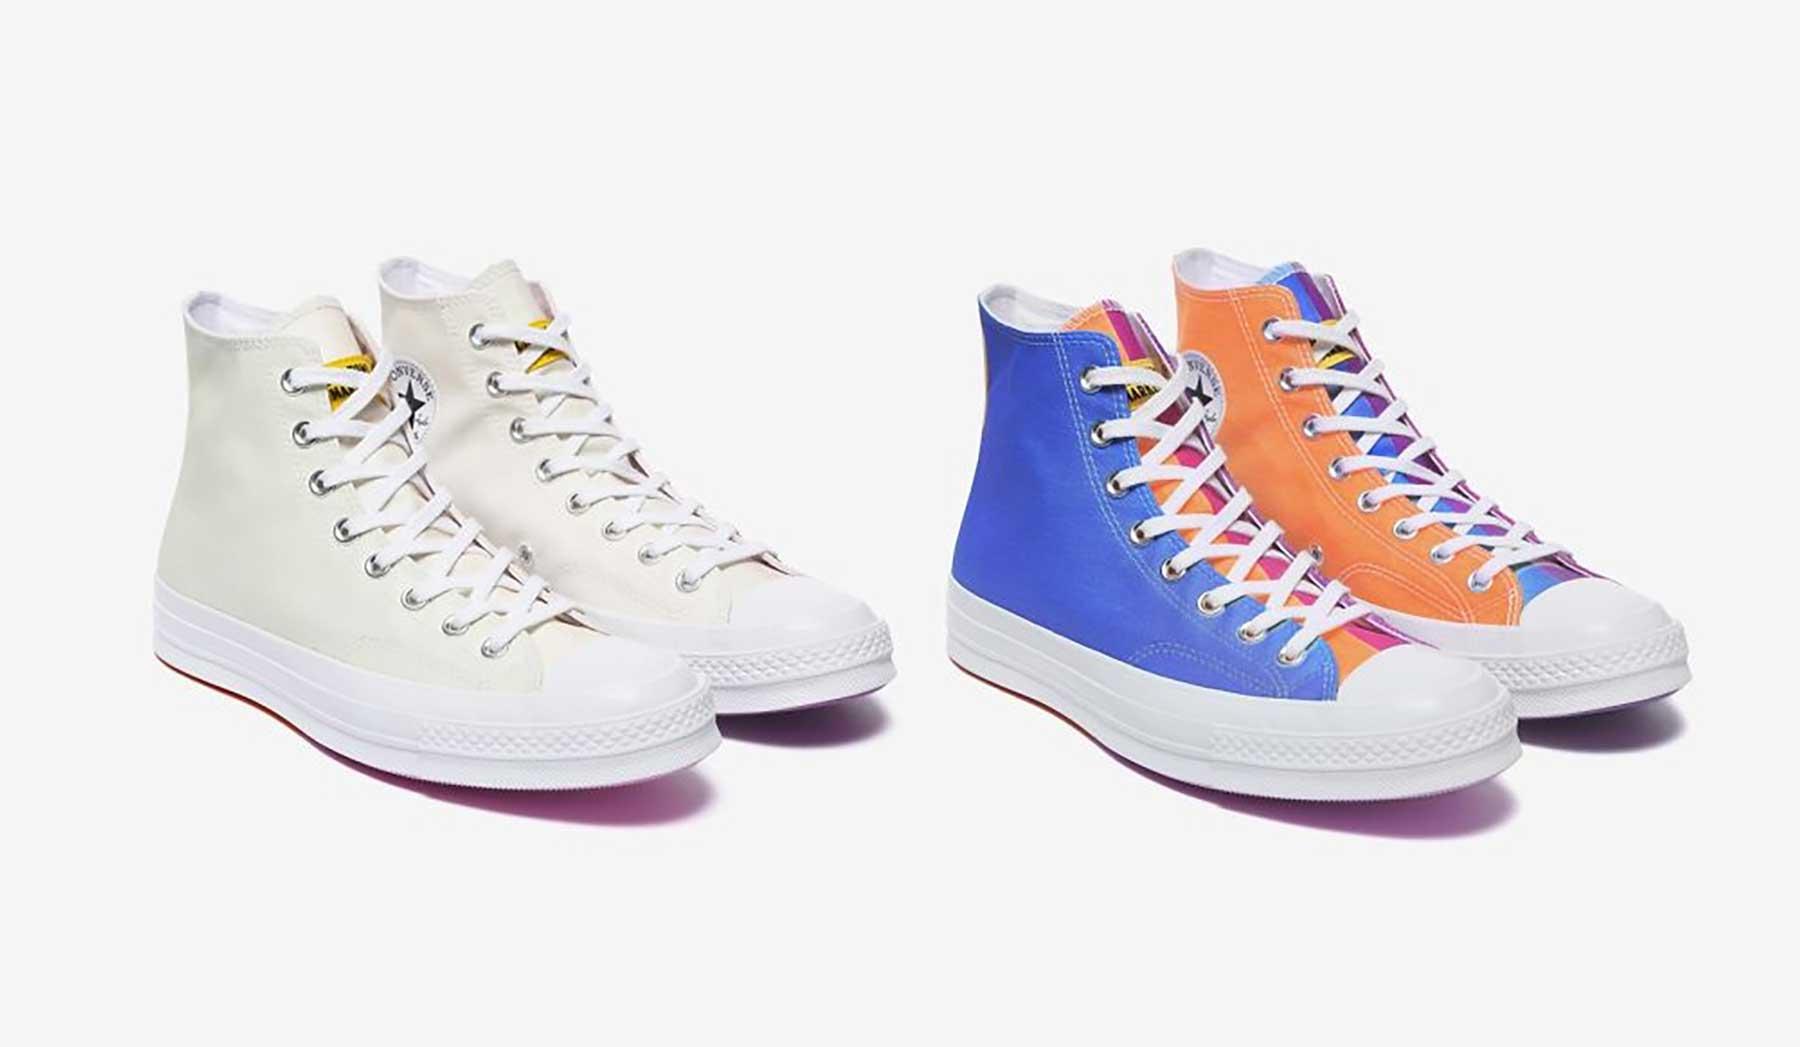 Diese Sneaker ändern ihre Farbe bei Sonnenlicht-Einstrahlung UV-aktivierte-sneaker_01